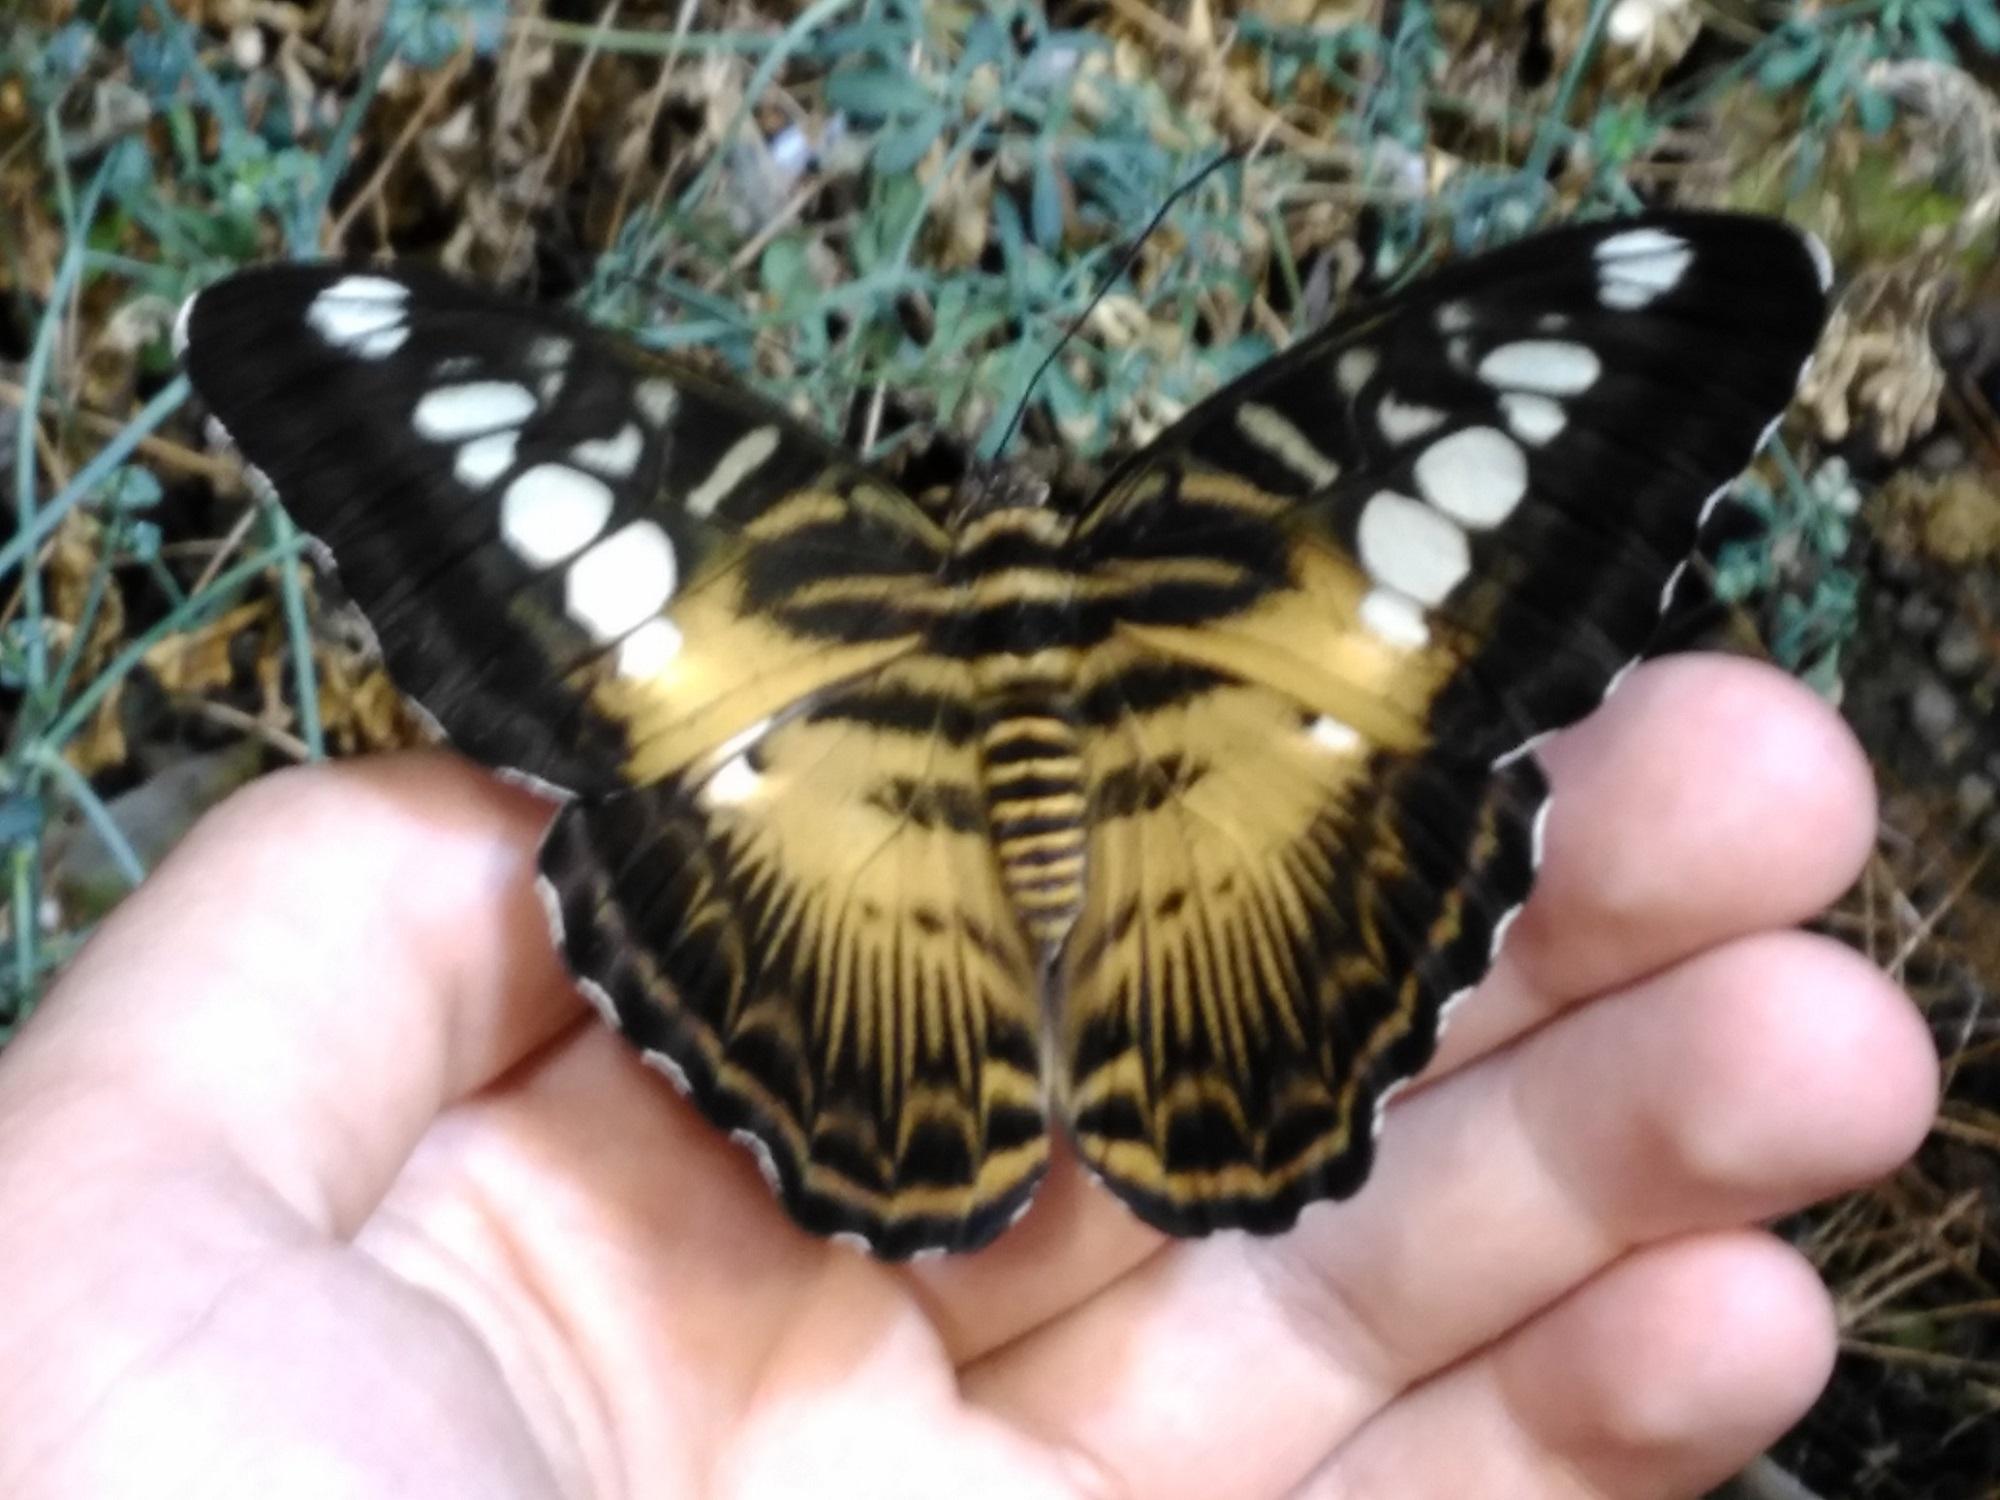 Foto: Weiß jemand, die genaue Bezeichnung dieses Schmetterlings?